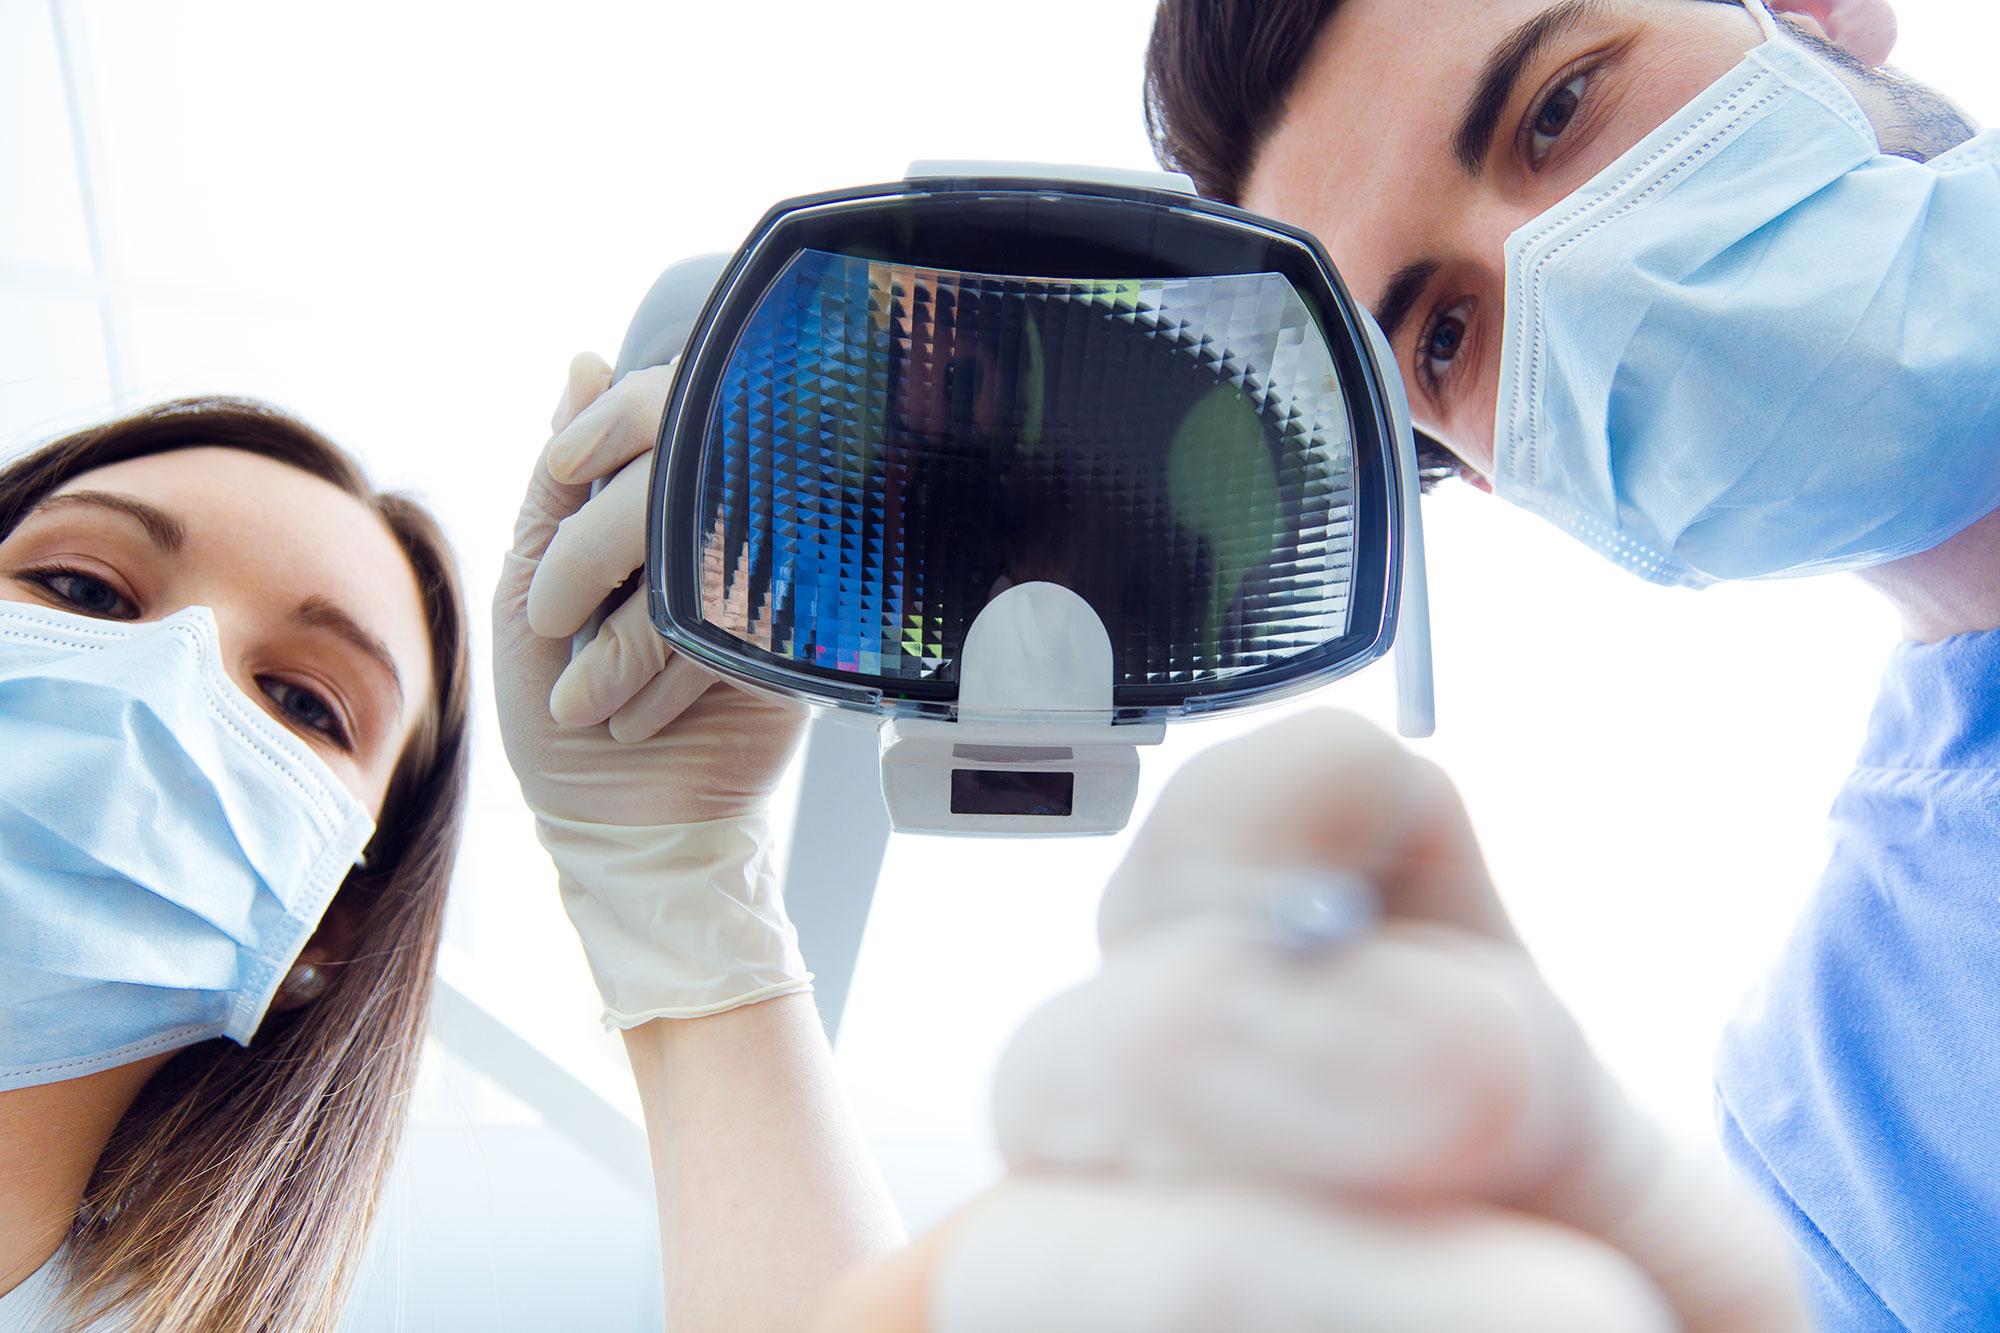 gum disease Causes image